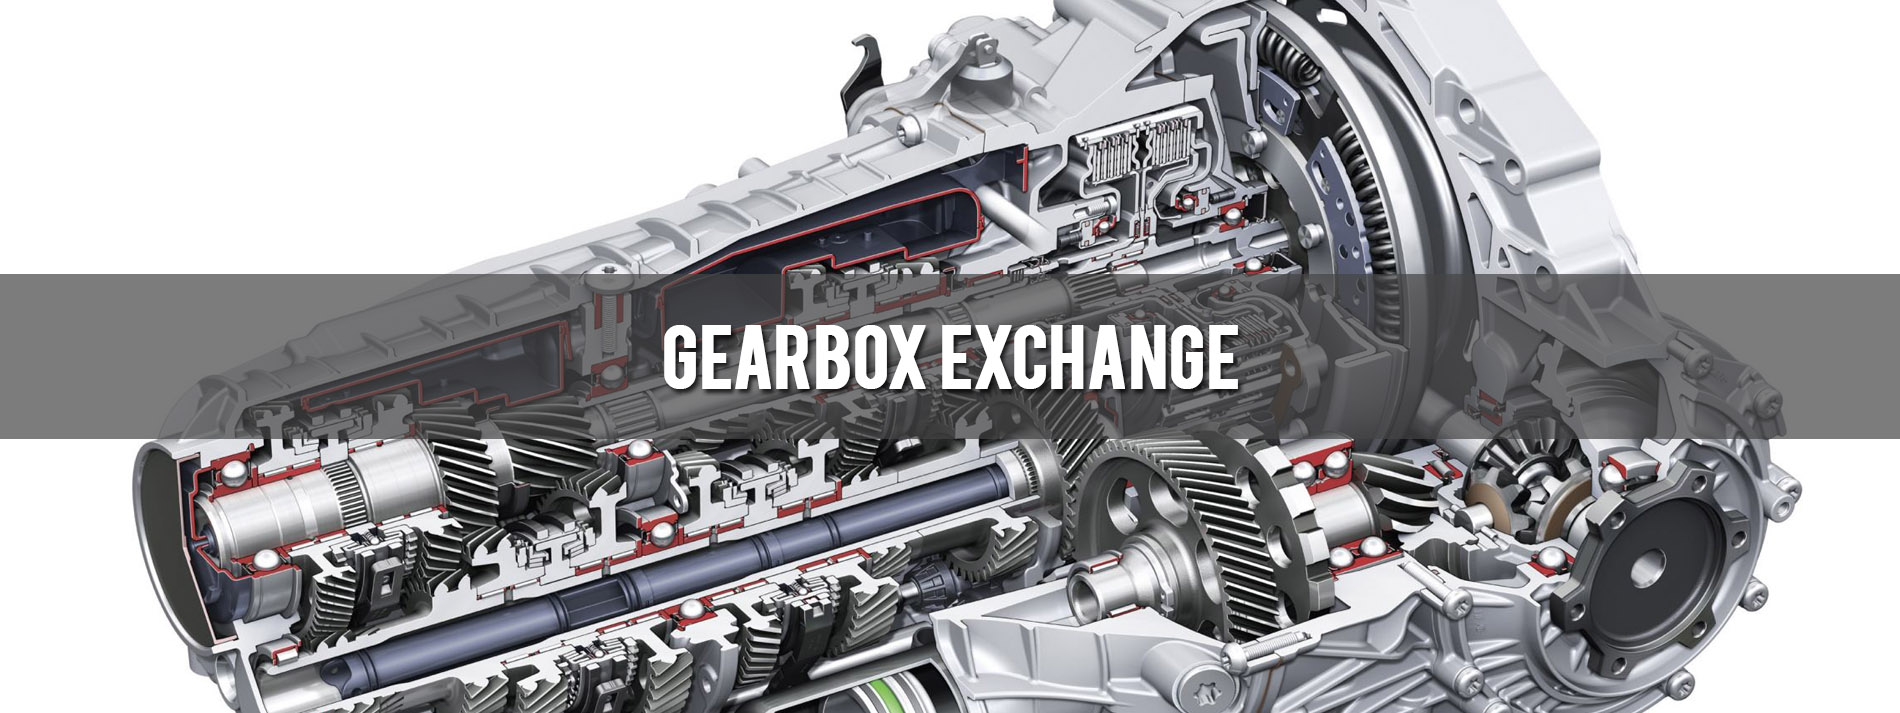 Gearbox Exchange